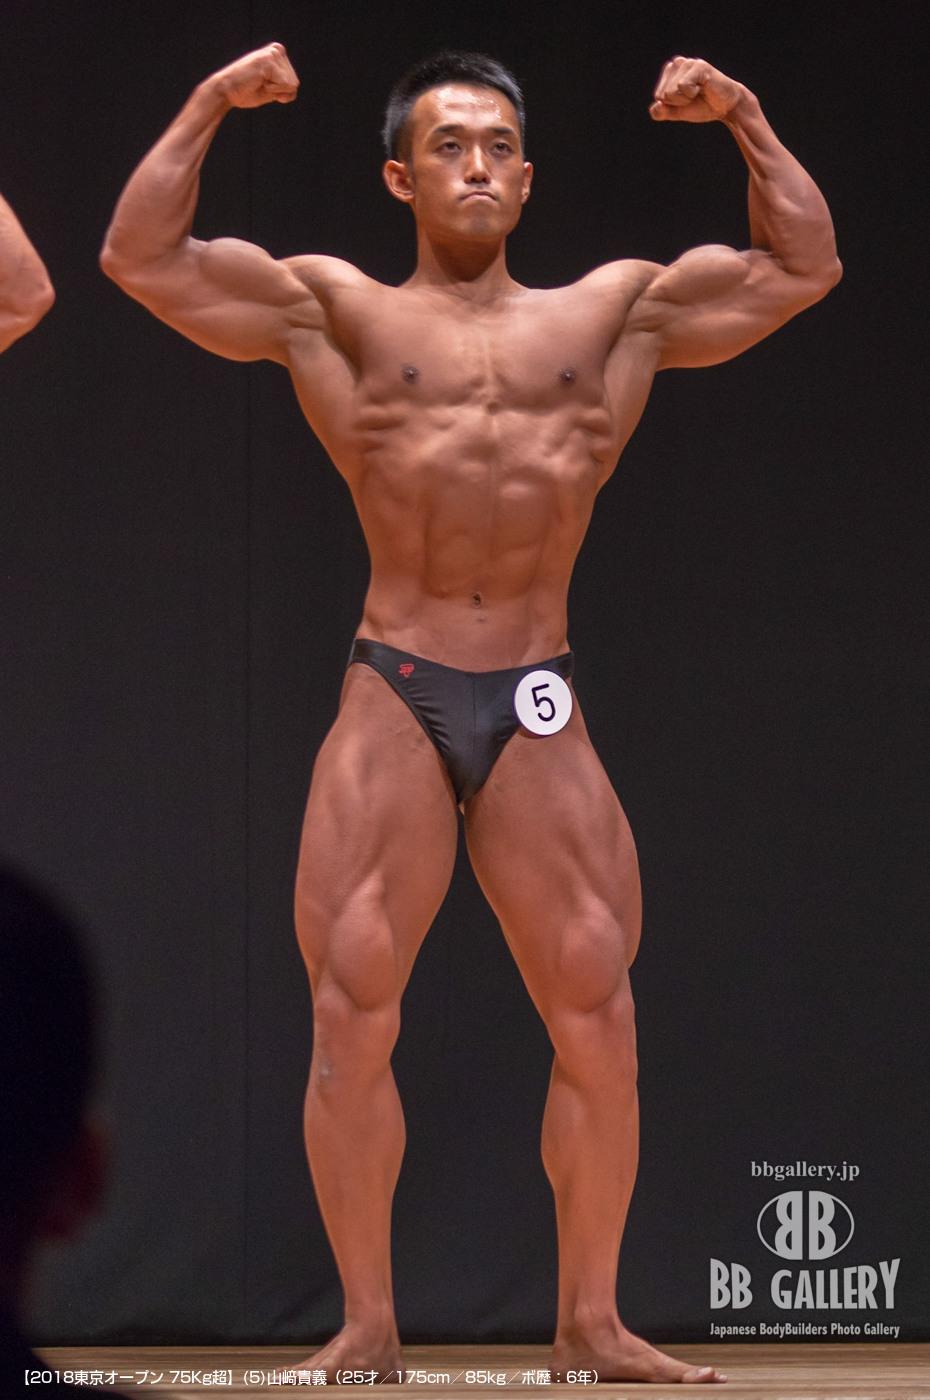 【2018東京オープン 75Kg超】(5)山﨑貴義(25才/175cm/85kg/ボ歴:6年)